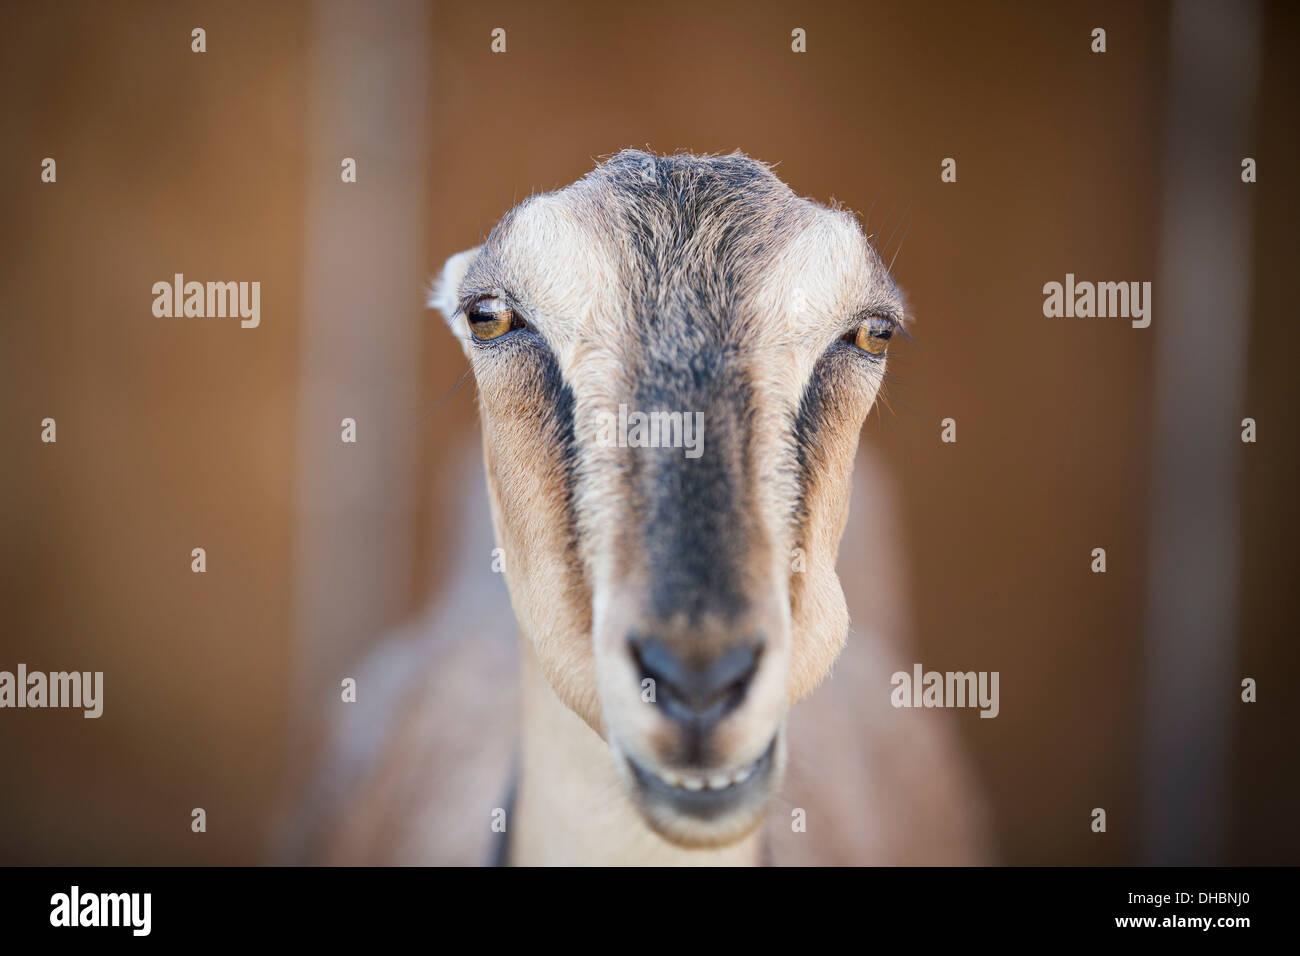 Eine Ziege, starrte durch die Gitterstäbe des Standes in einer Scheune. Stockbild